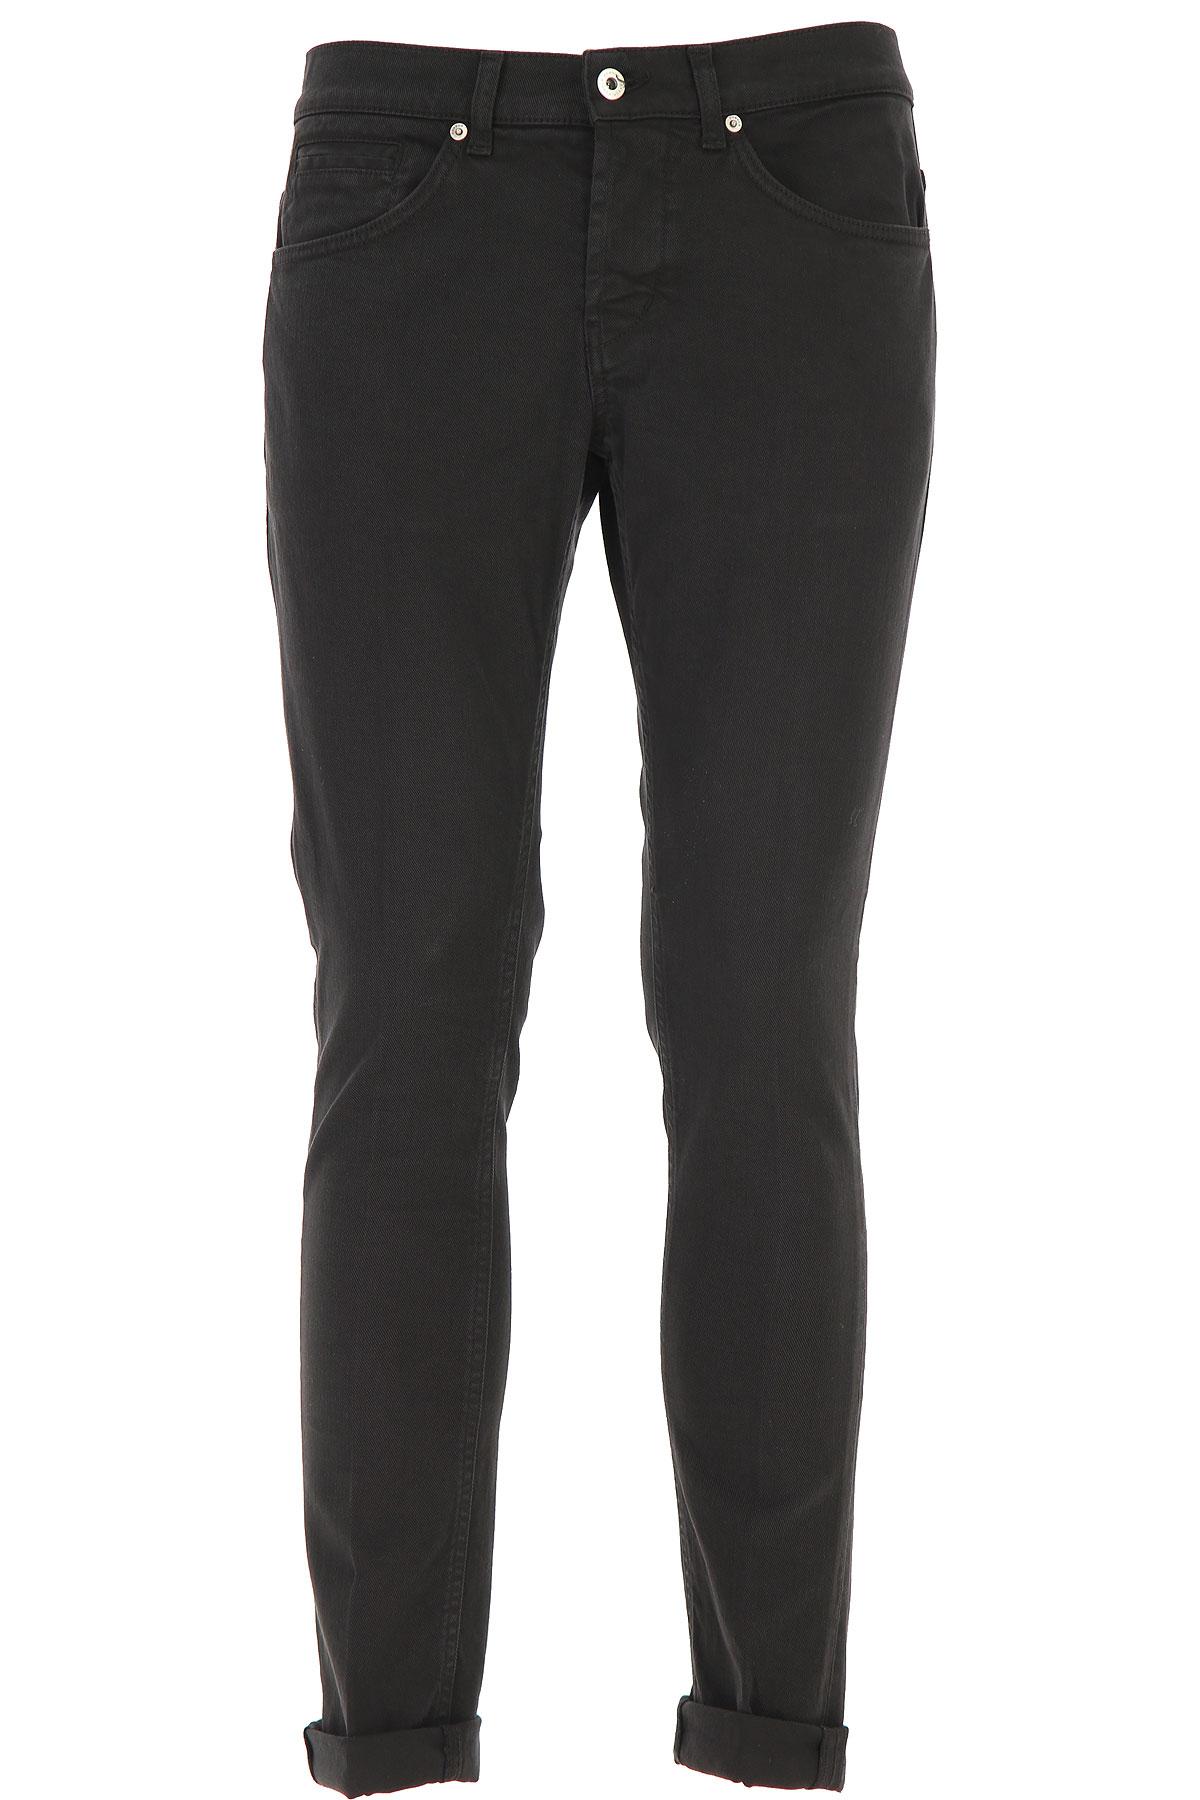 Dondup Jeans, Black, Cotton, 2019, 35 38